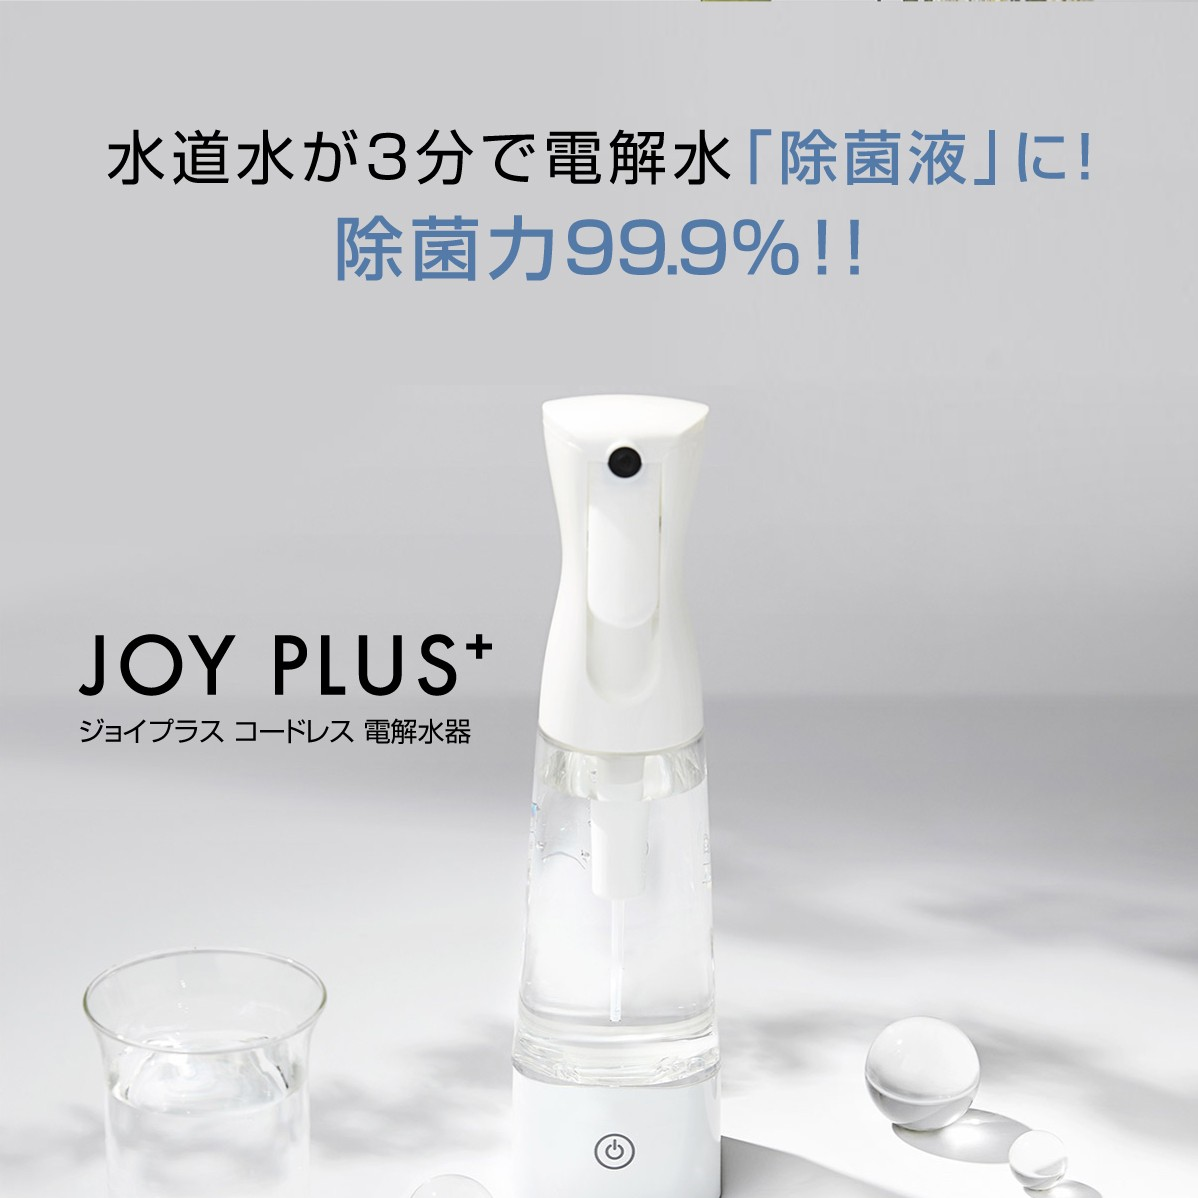 ジョイプラス コードレス 電解水器 除菌 消臭 次亜塩素酸 次亜塩素酸ナトリウム 微酸性電解水 電解次亜水 家庭用